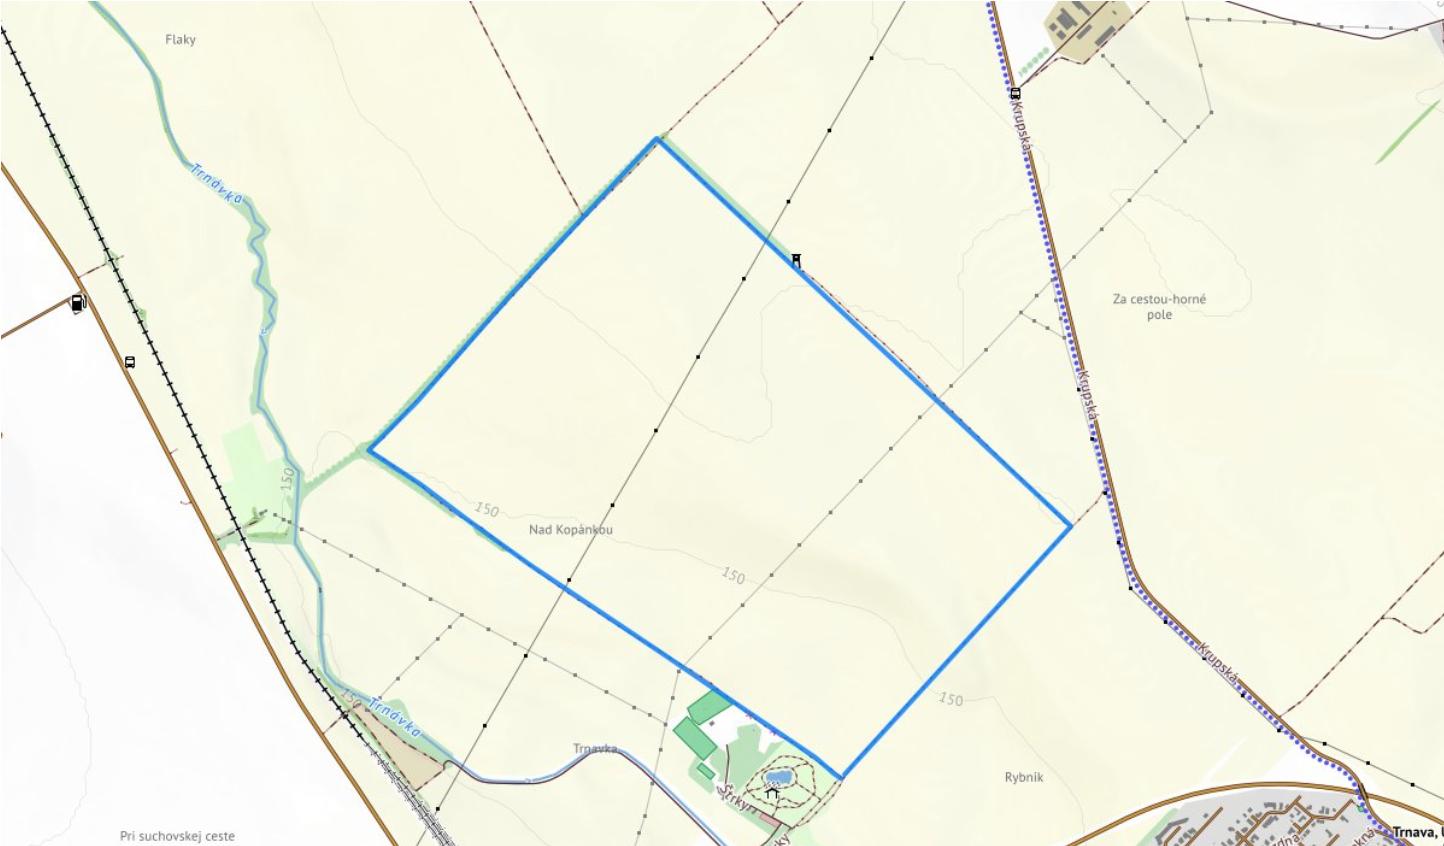 mapa 5km (Trnava)